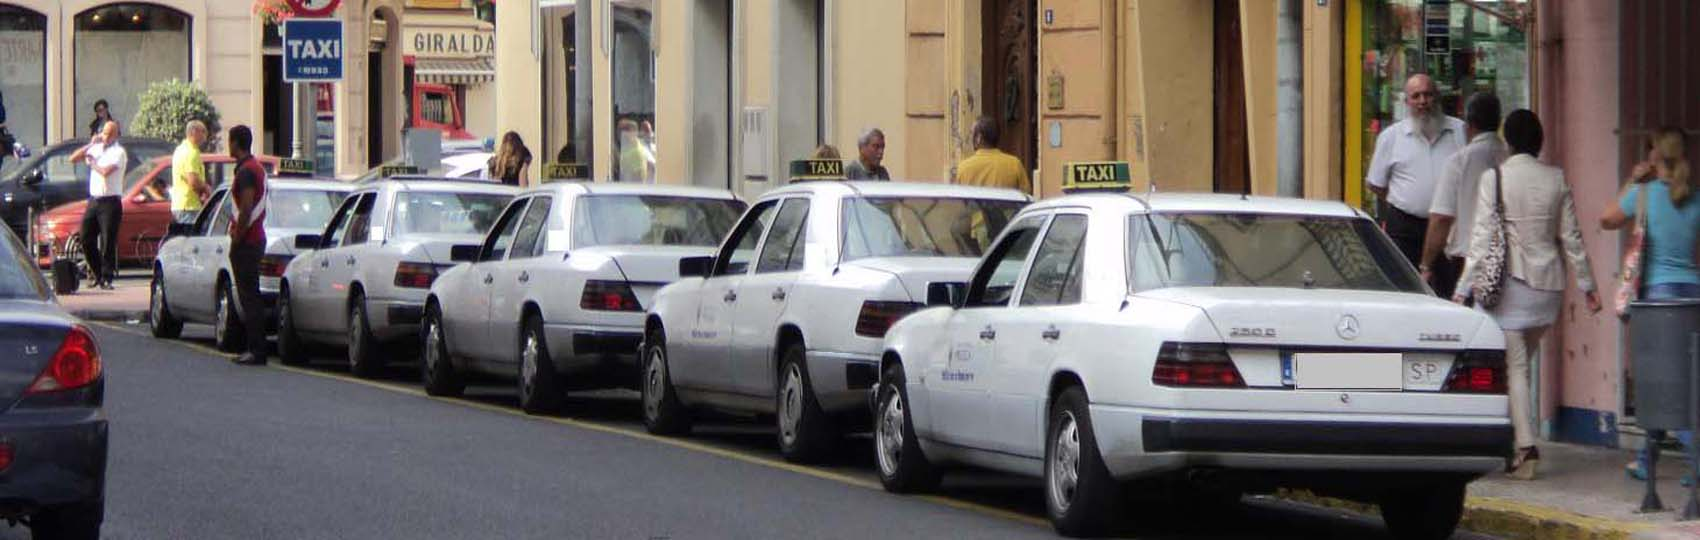 Noticias del sector del taxi y la movilidad en Melilla. Mantente informado de todas las noticias del taxi de Melilla en el grupo de Facebook de Todo Taxi.